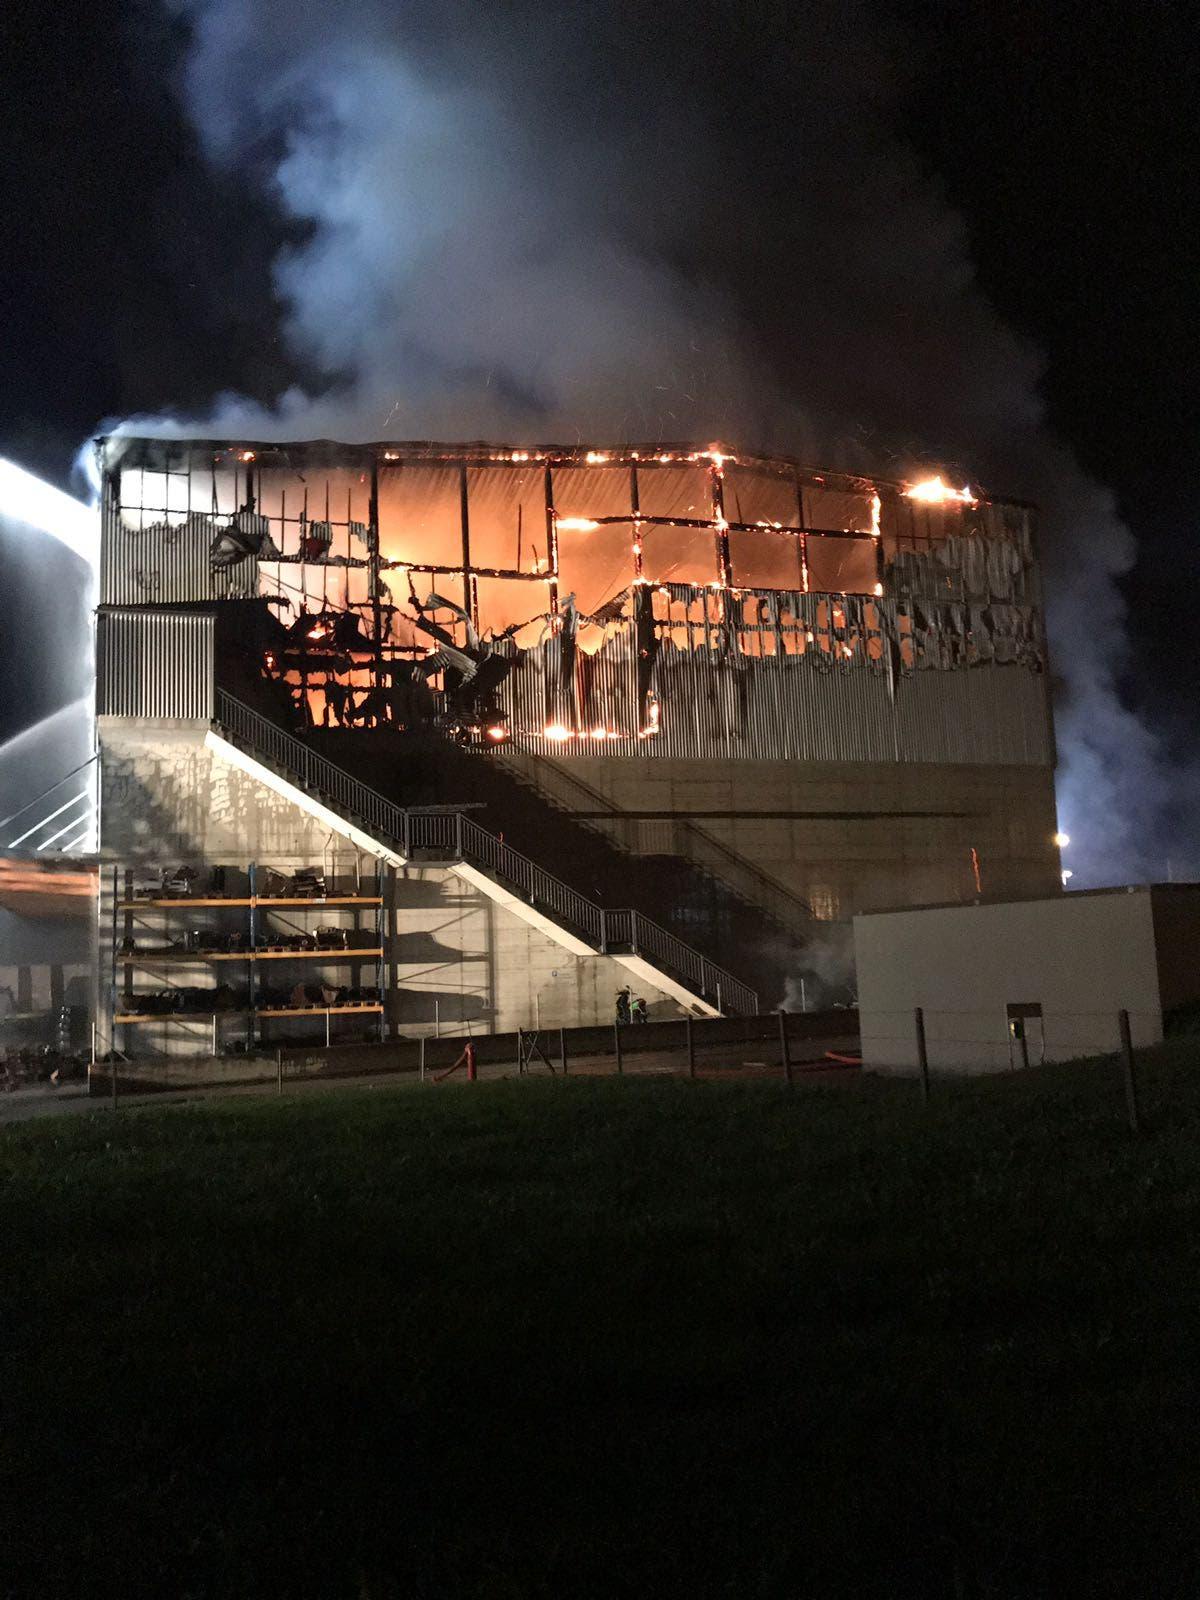 Die Recycling-Halle ist bis auf die Grundmauern abgebrannt. (Bild: Leserreporter)